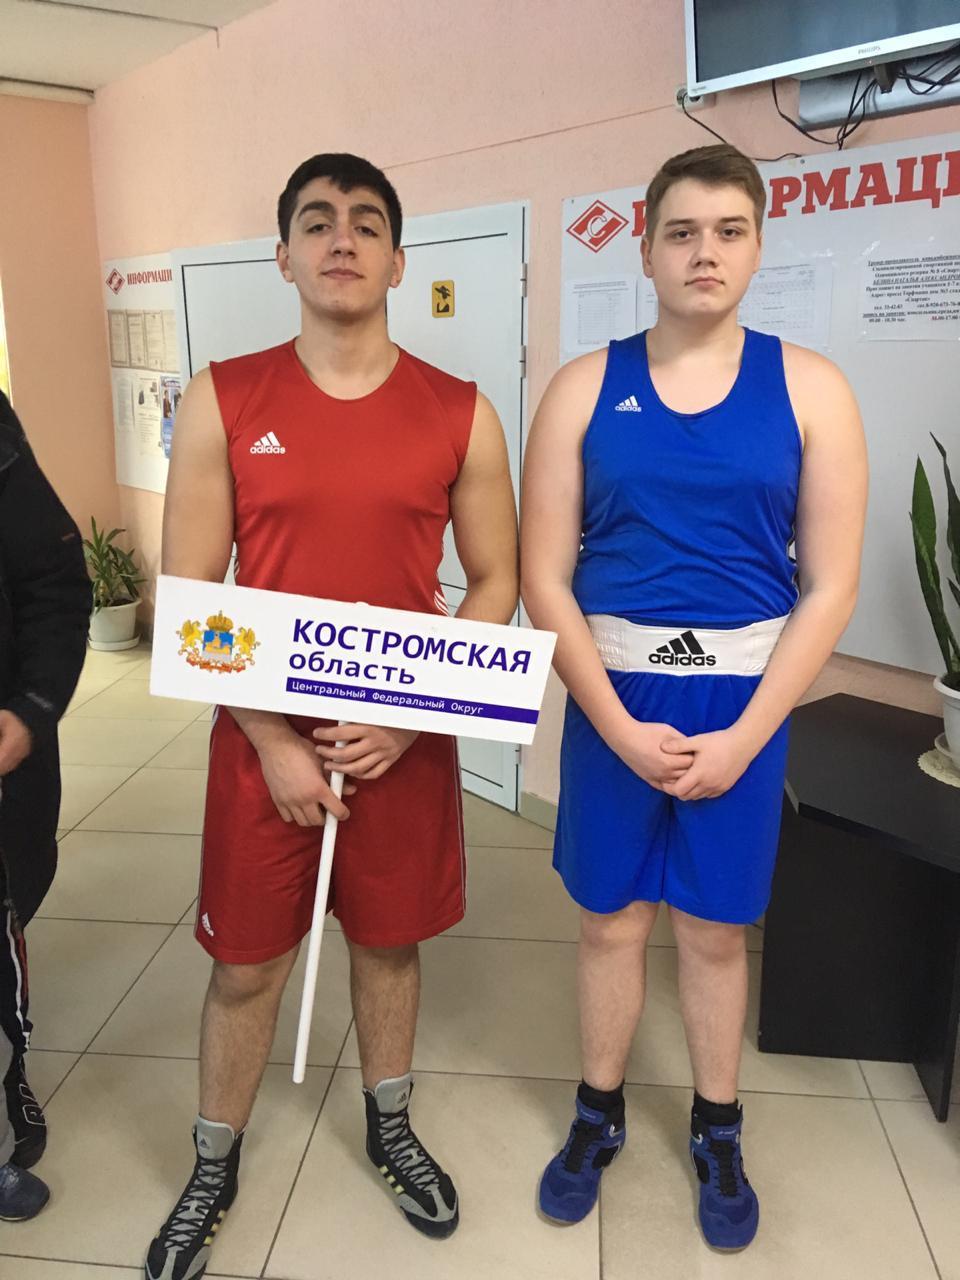 Костромские спортсмены с успехом выступили на  соревнованиях по боксу